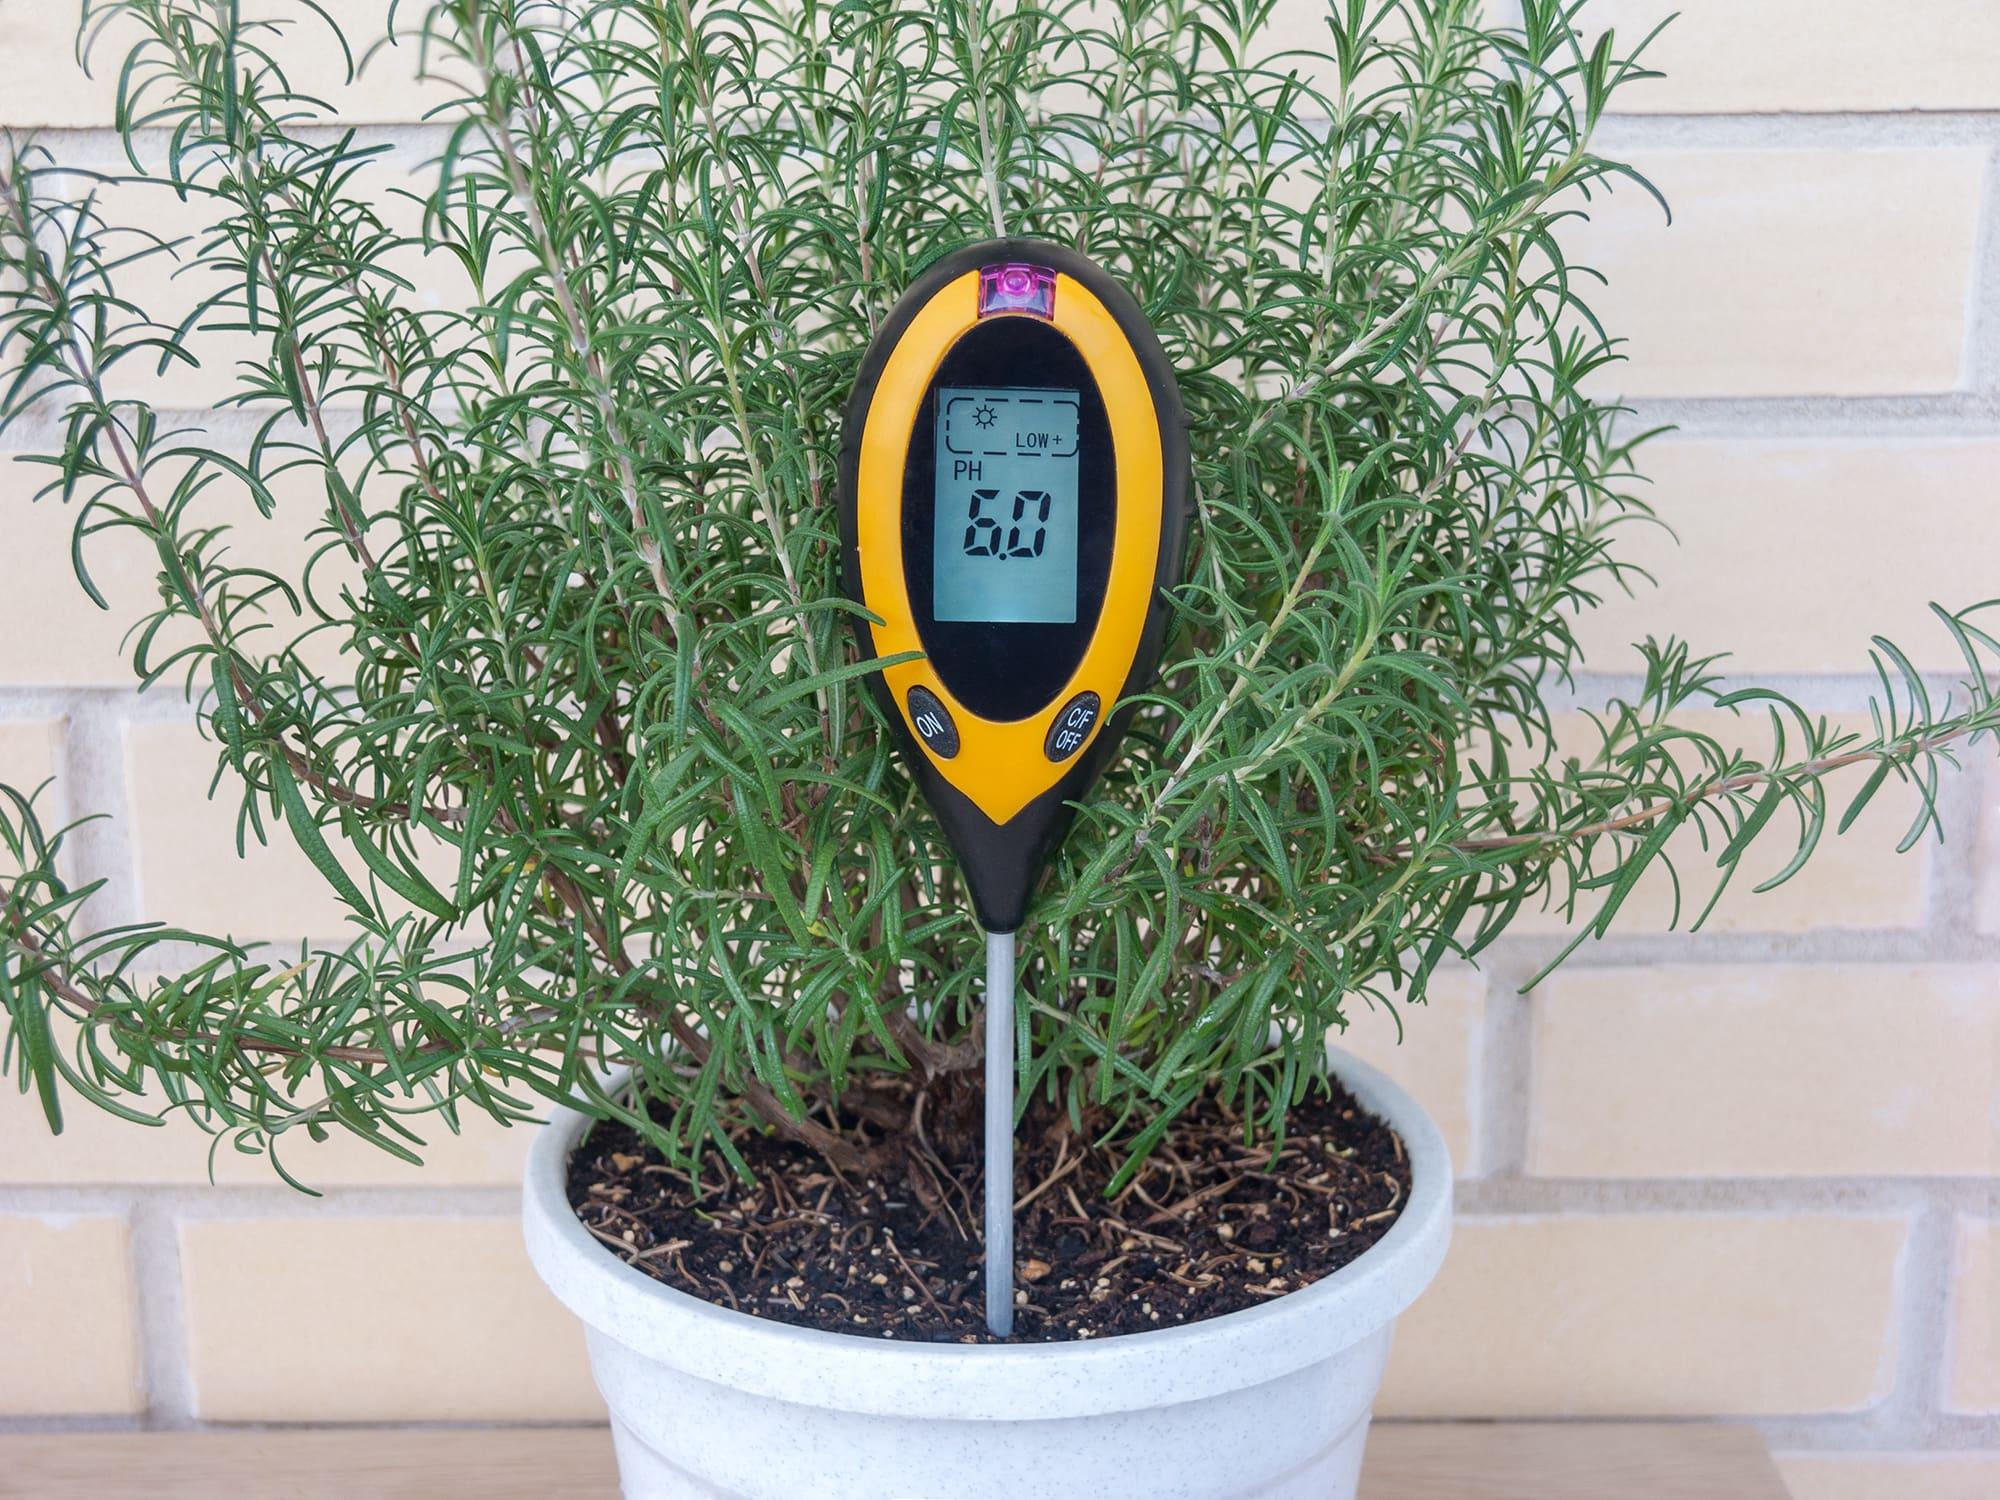 Прибор для измерения кислотности грунта в домашних условиях